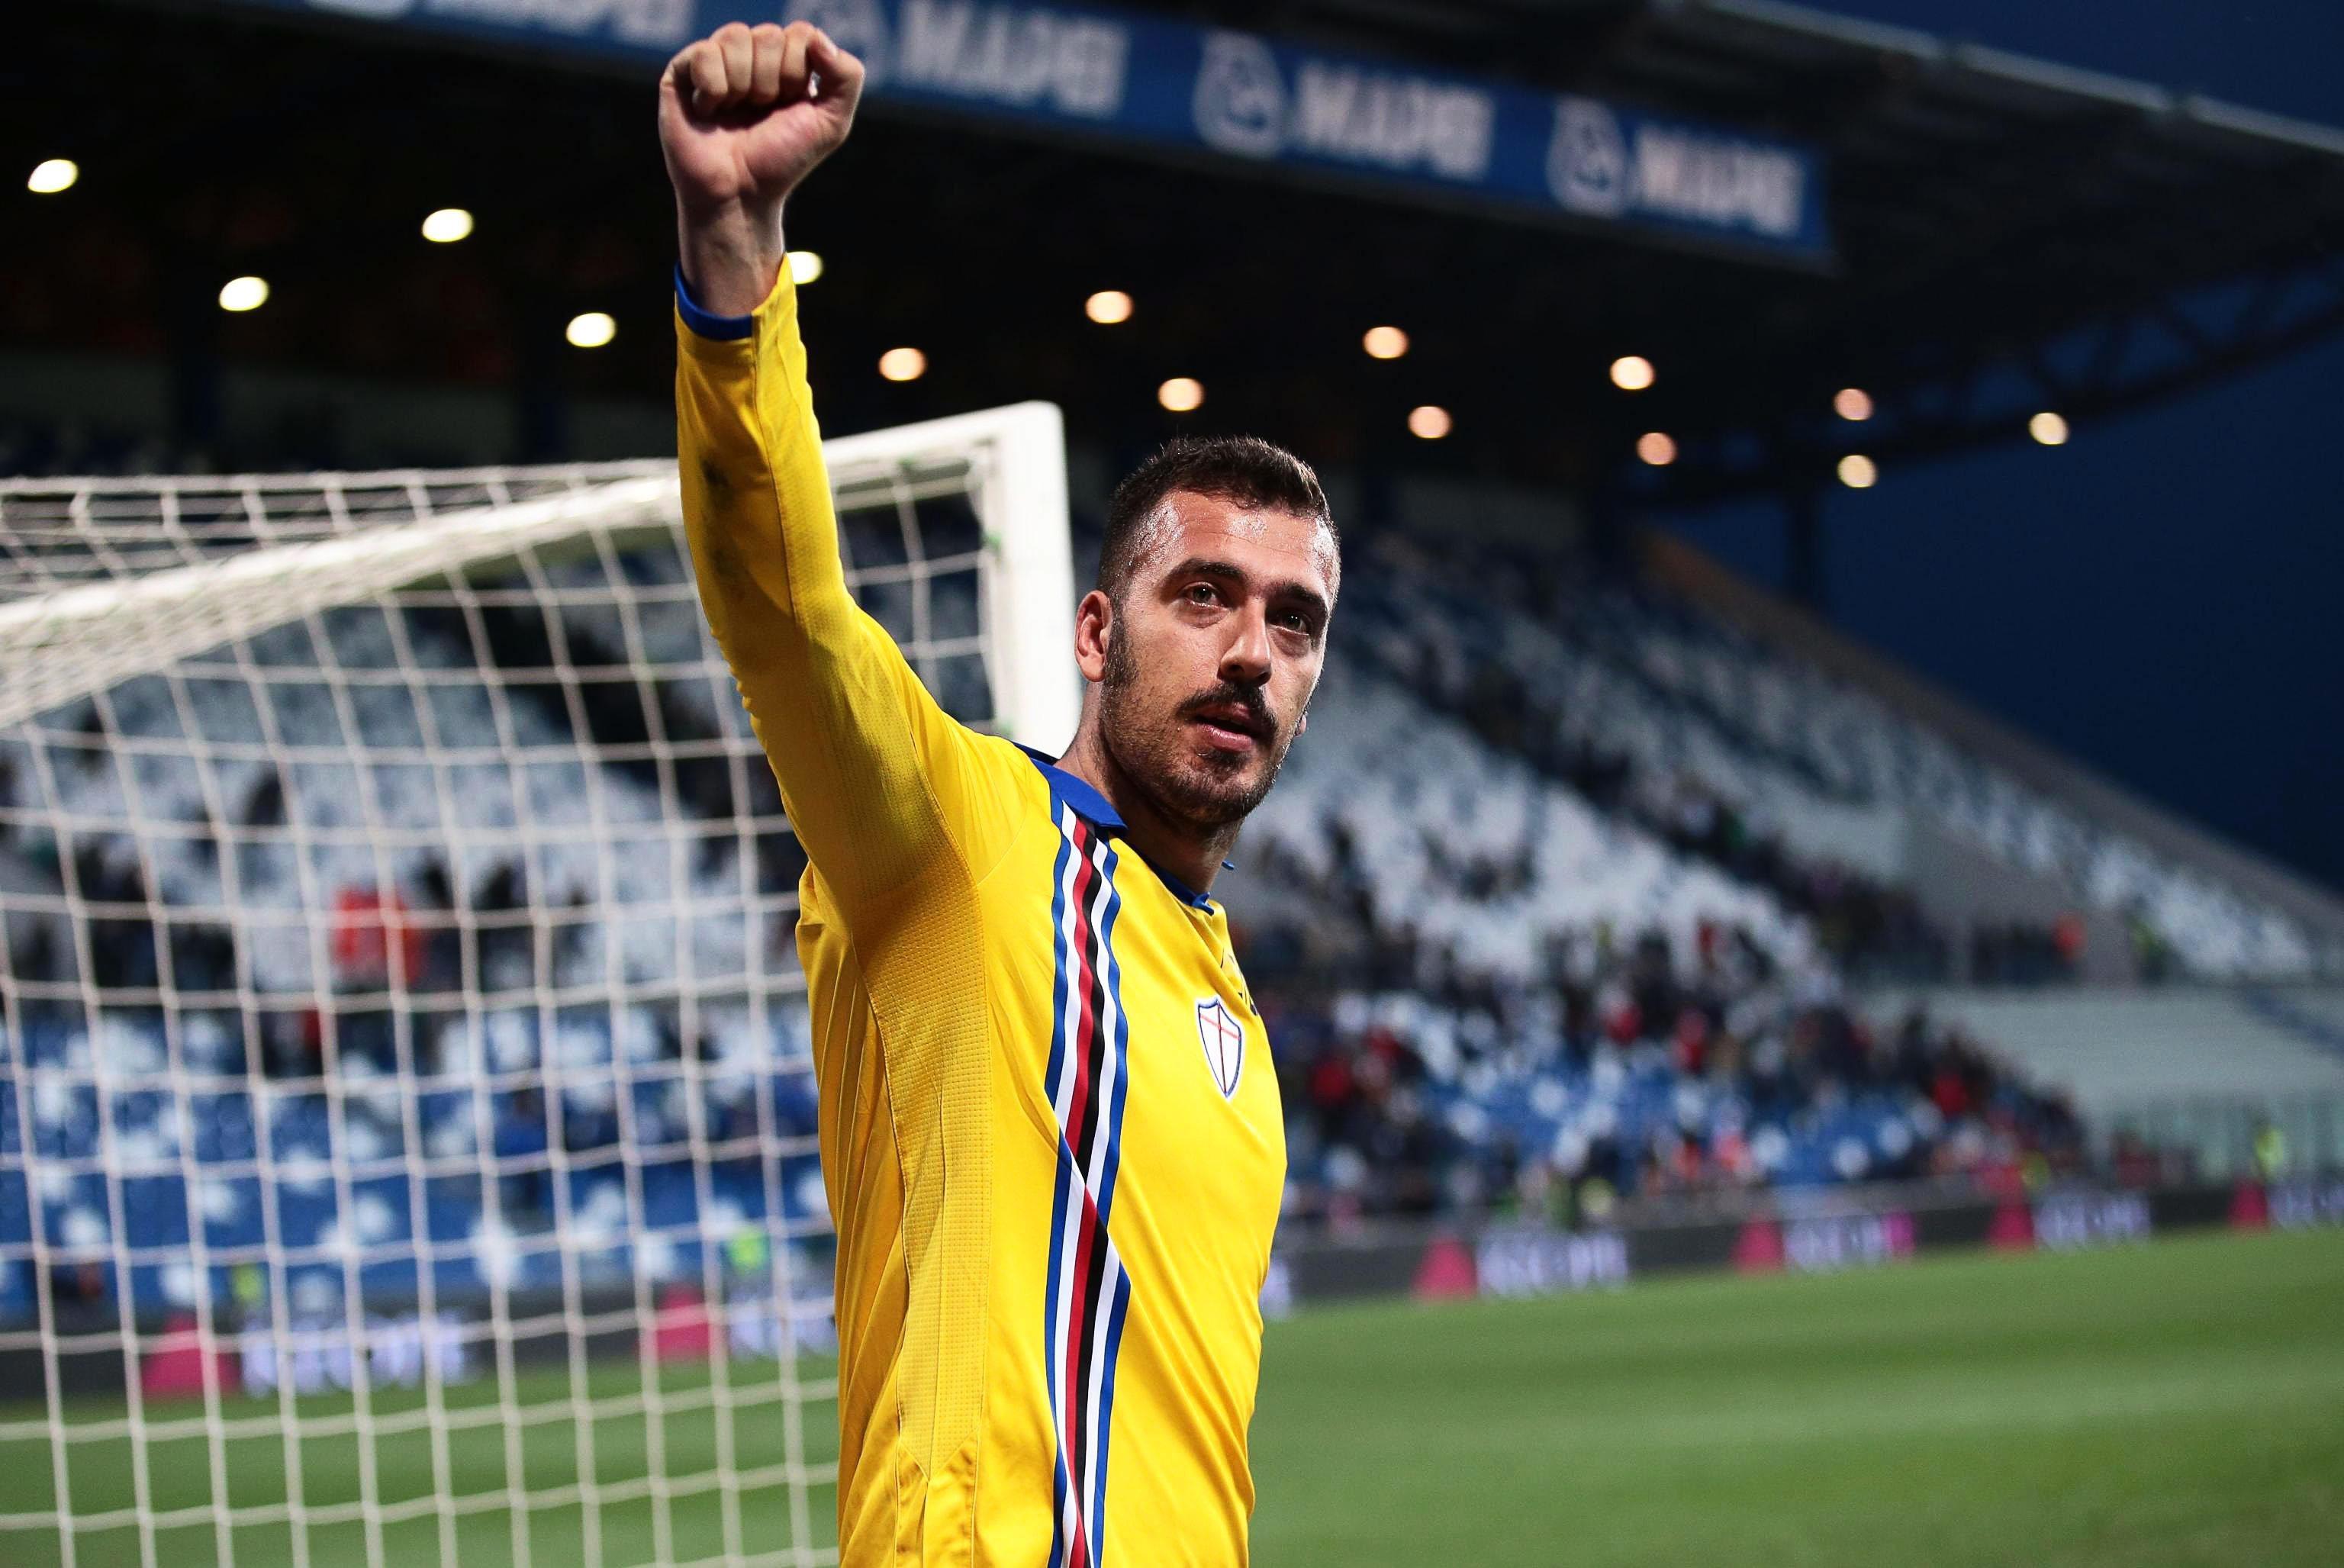 Sporting confirma contratação do guarda-redes Viviano à Sampdoria